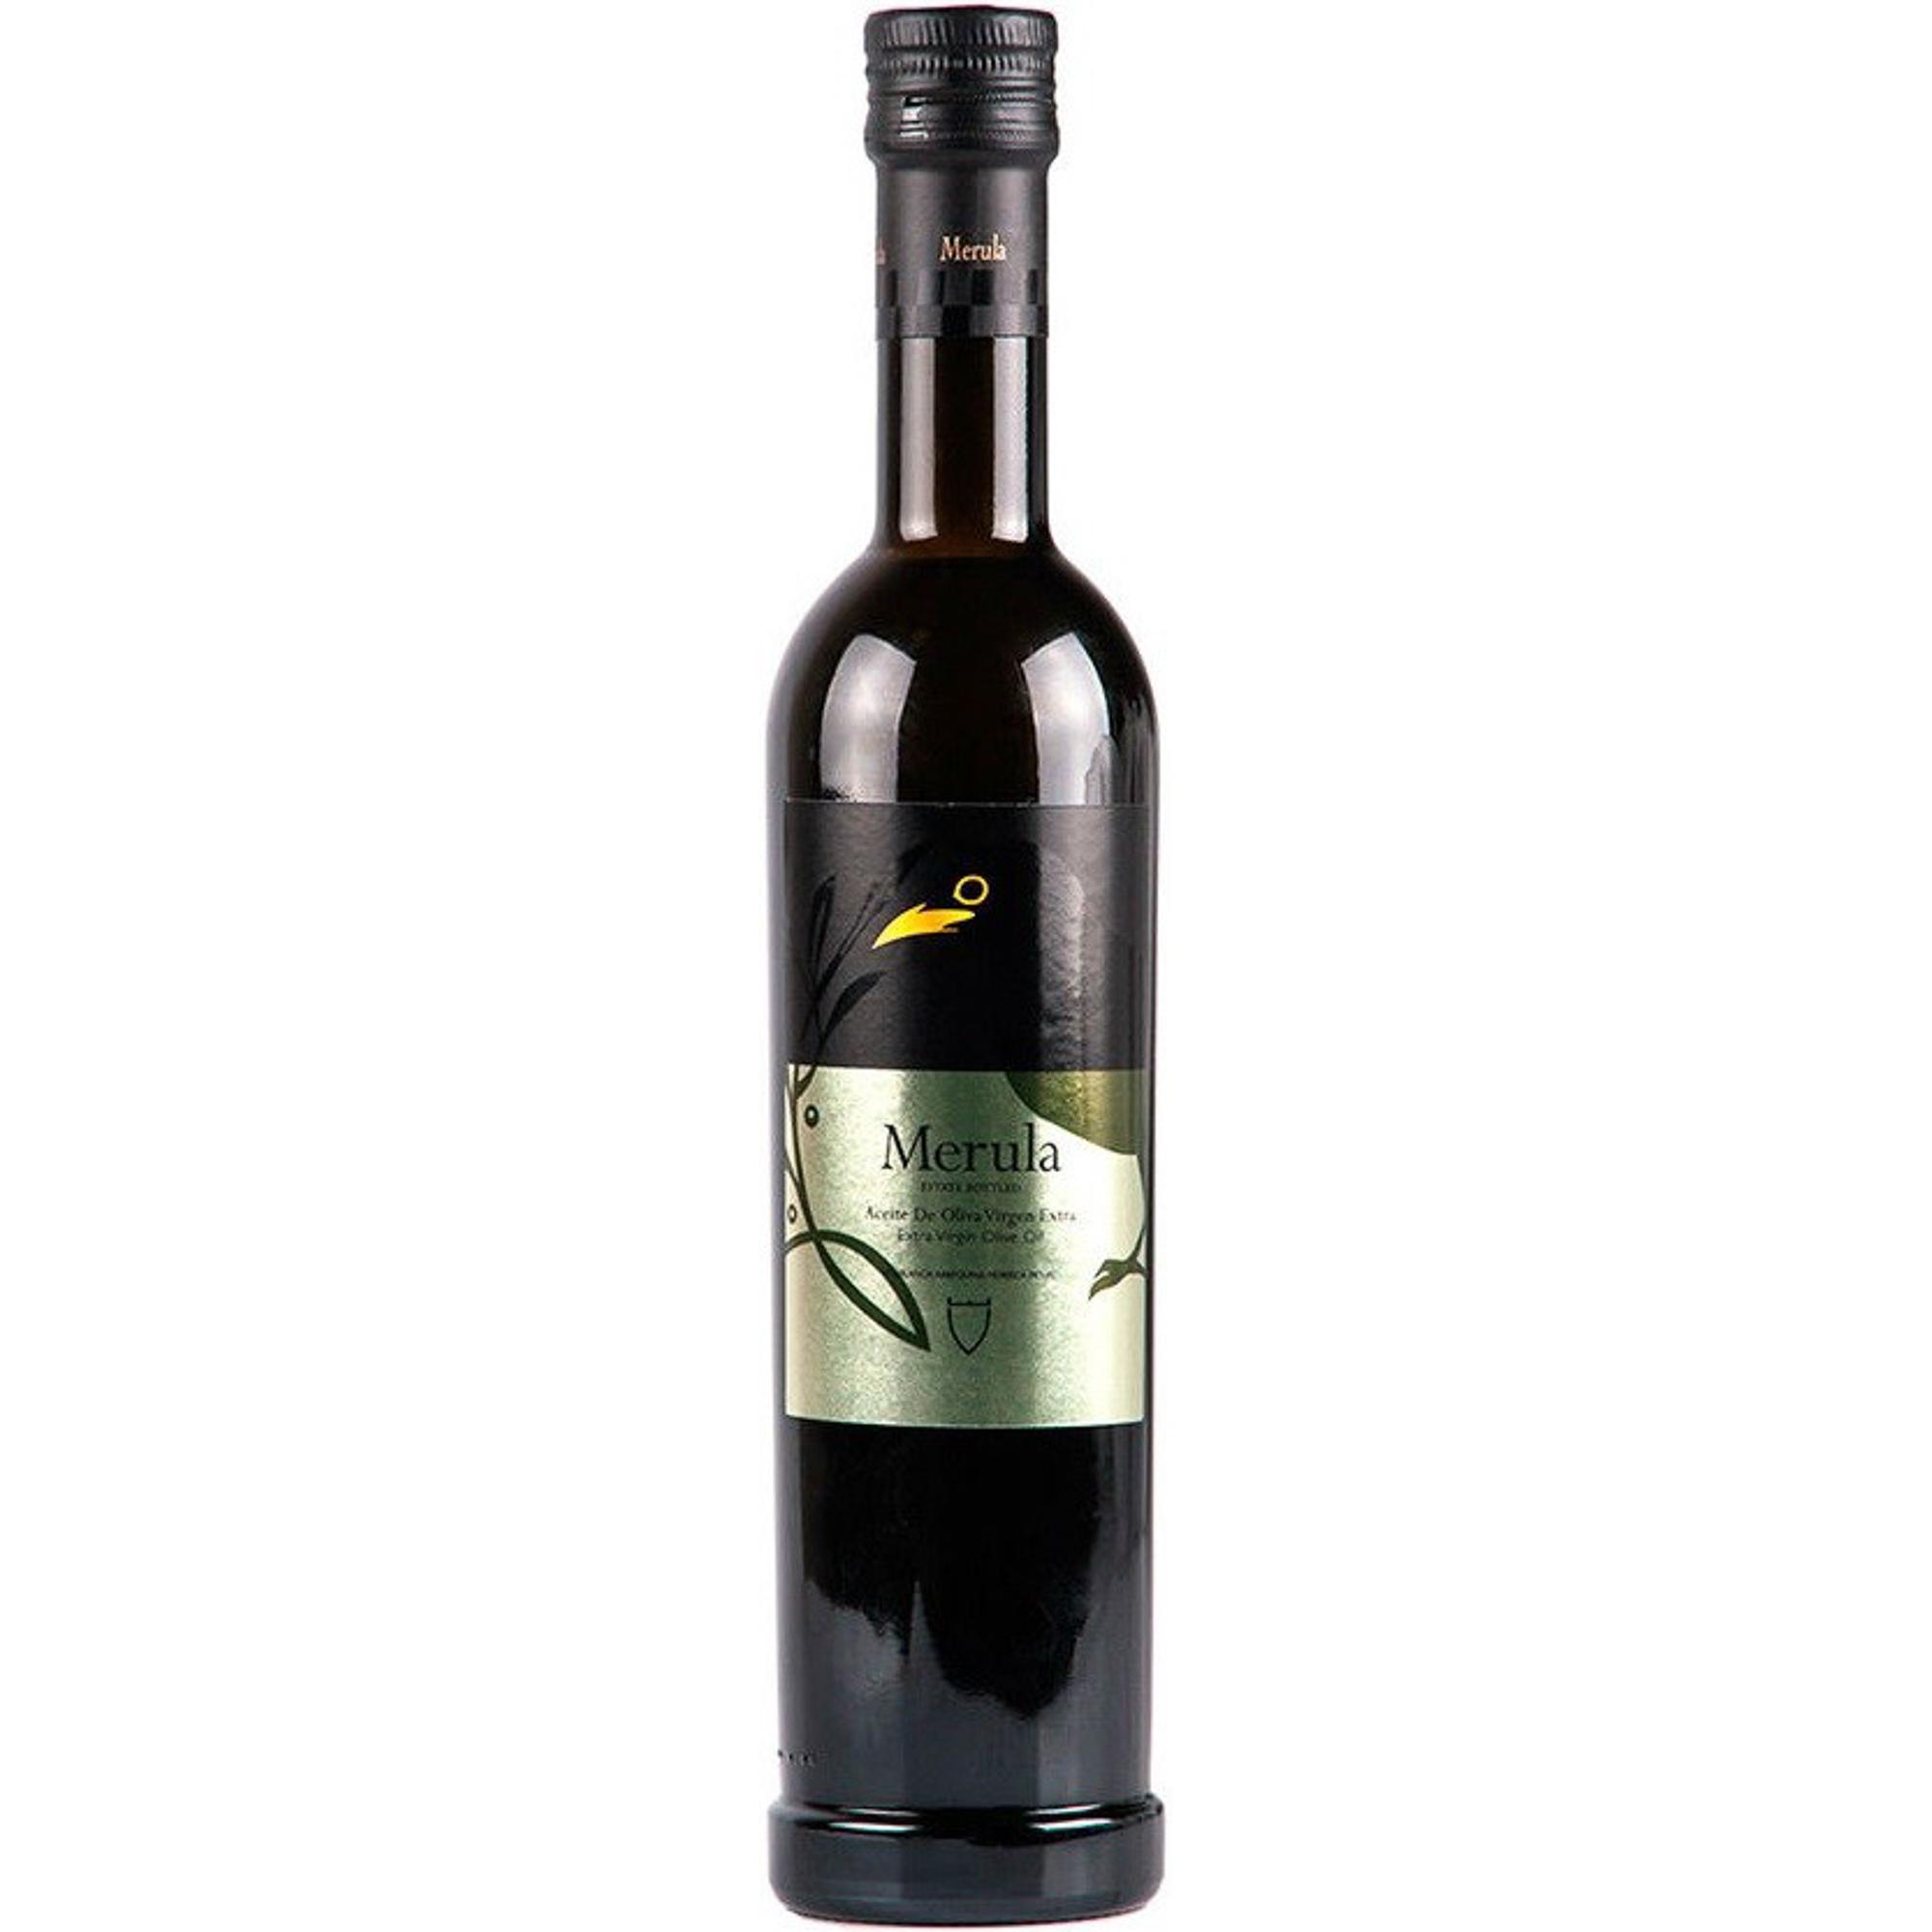 Масло оливковое Marques de Valdueza Merula 500 мл недорого